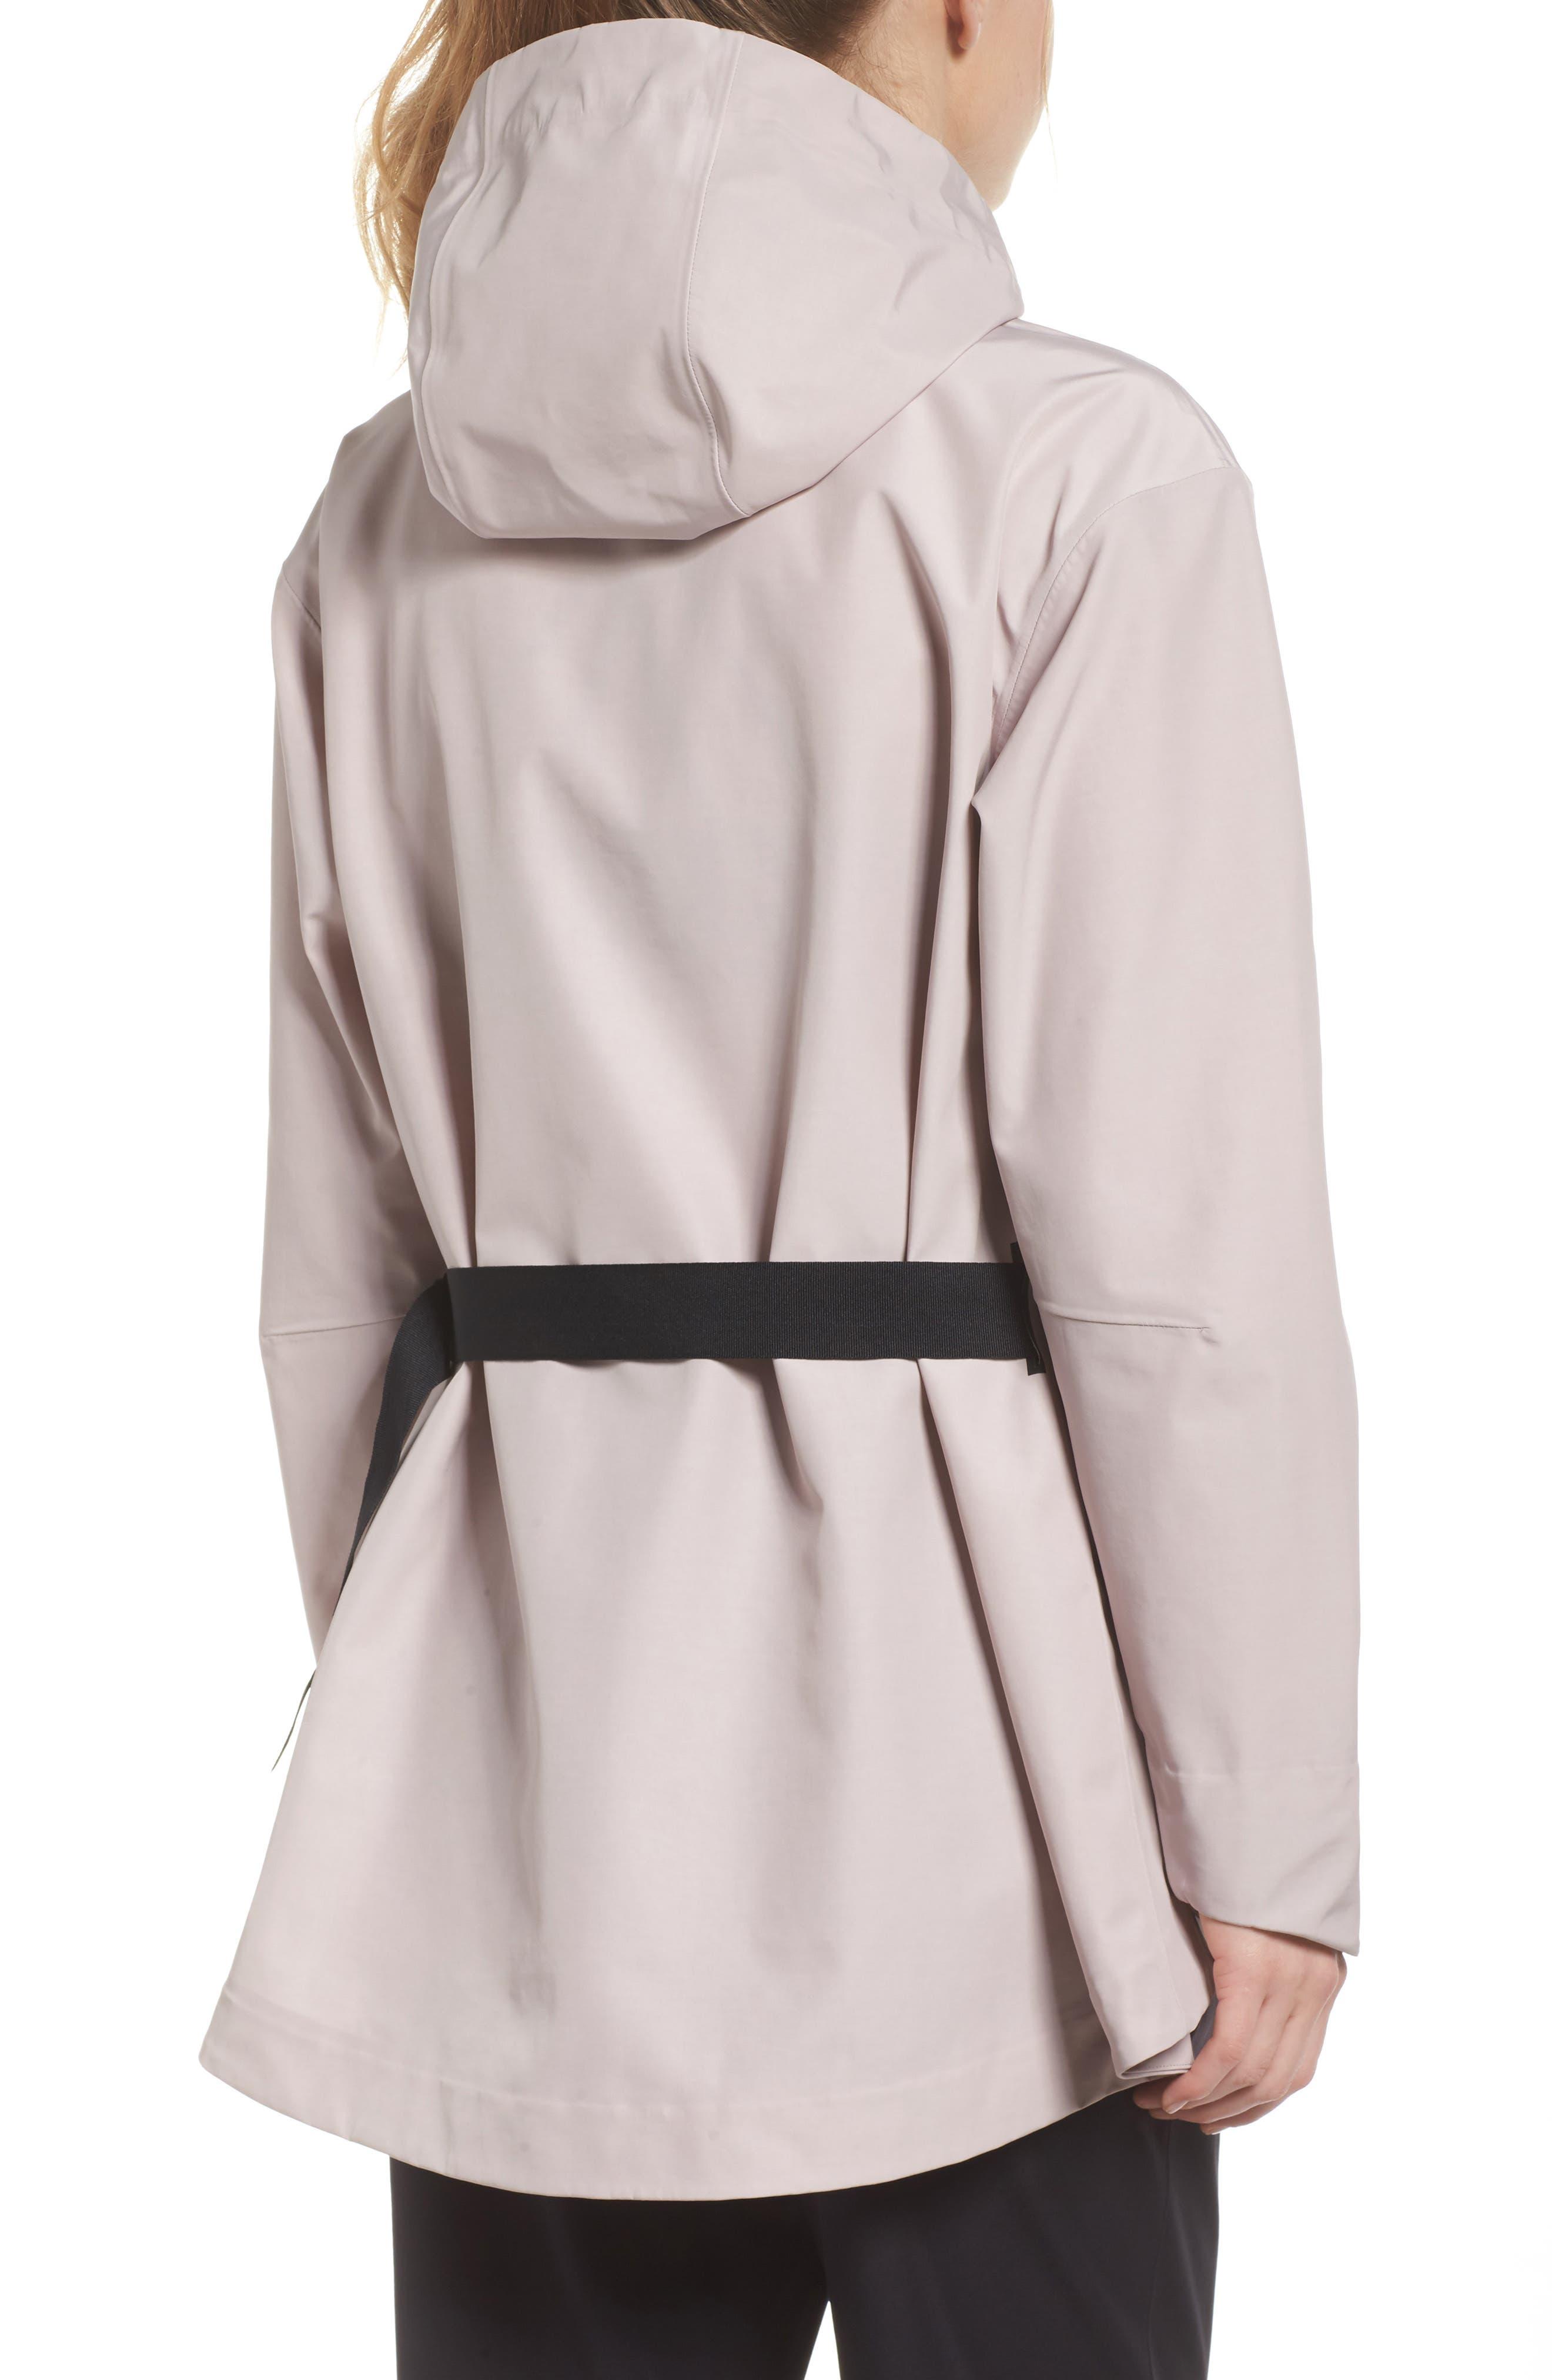 Sportswear Women's Tech Jacket,                             Alternate thumbnail 2, color,                             684